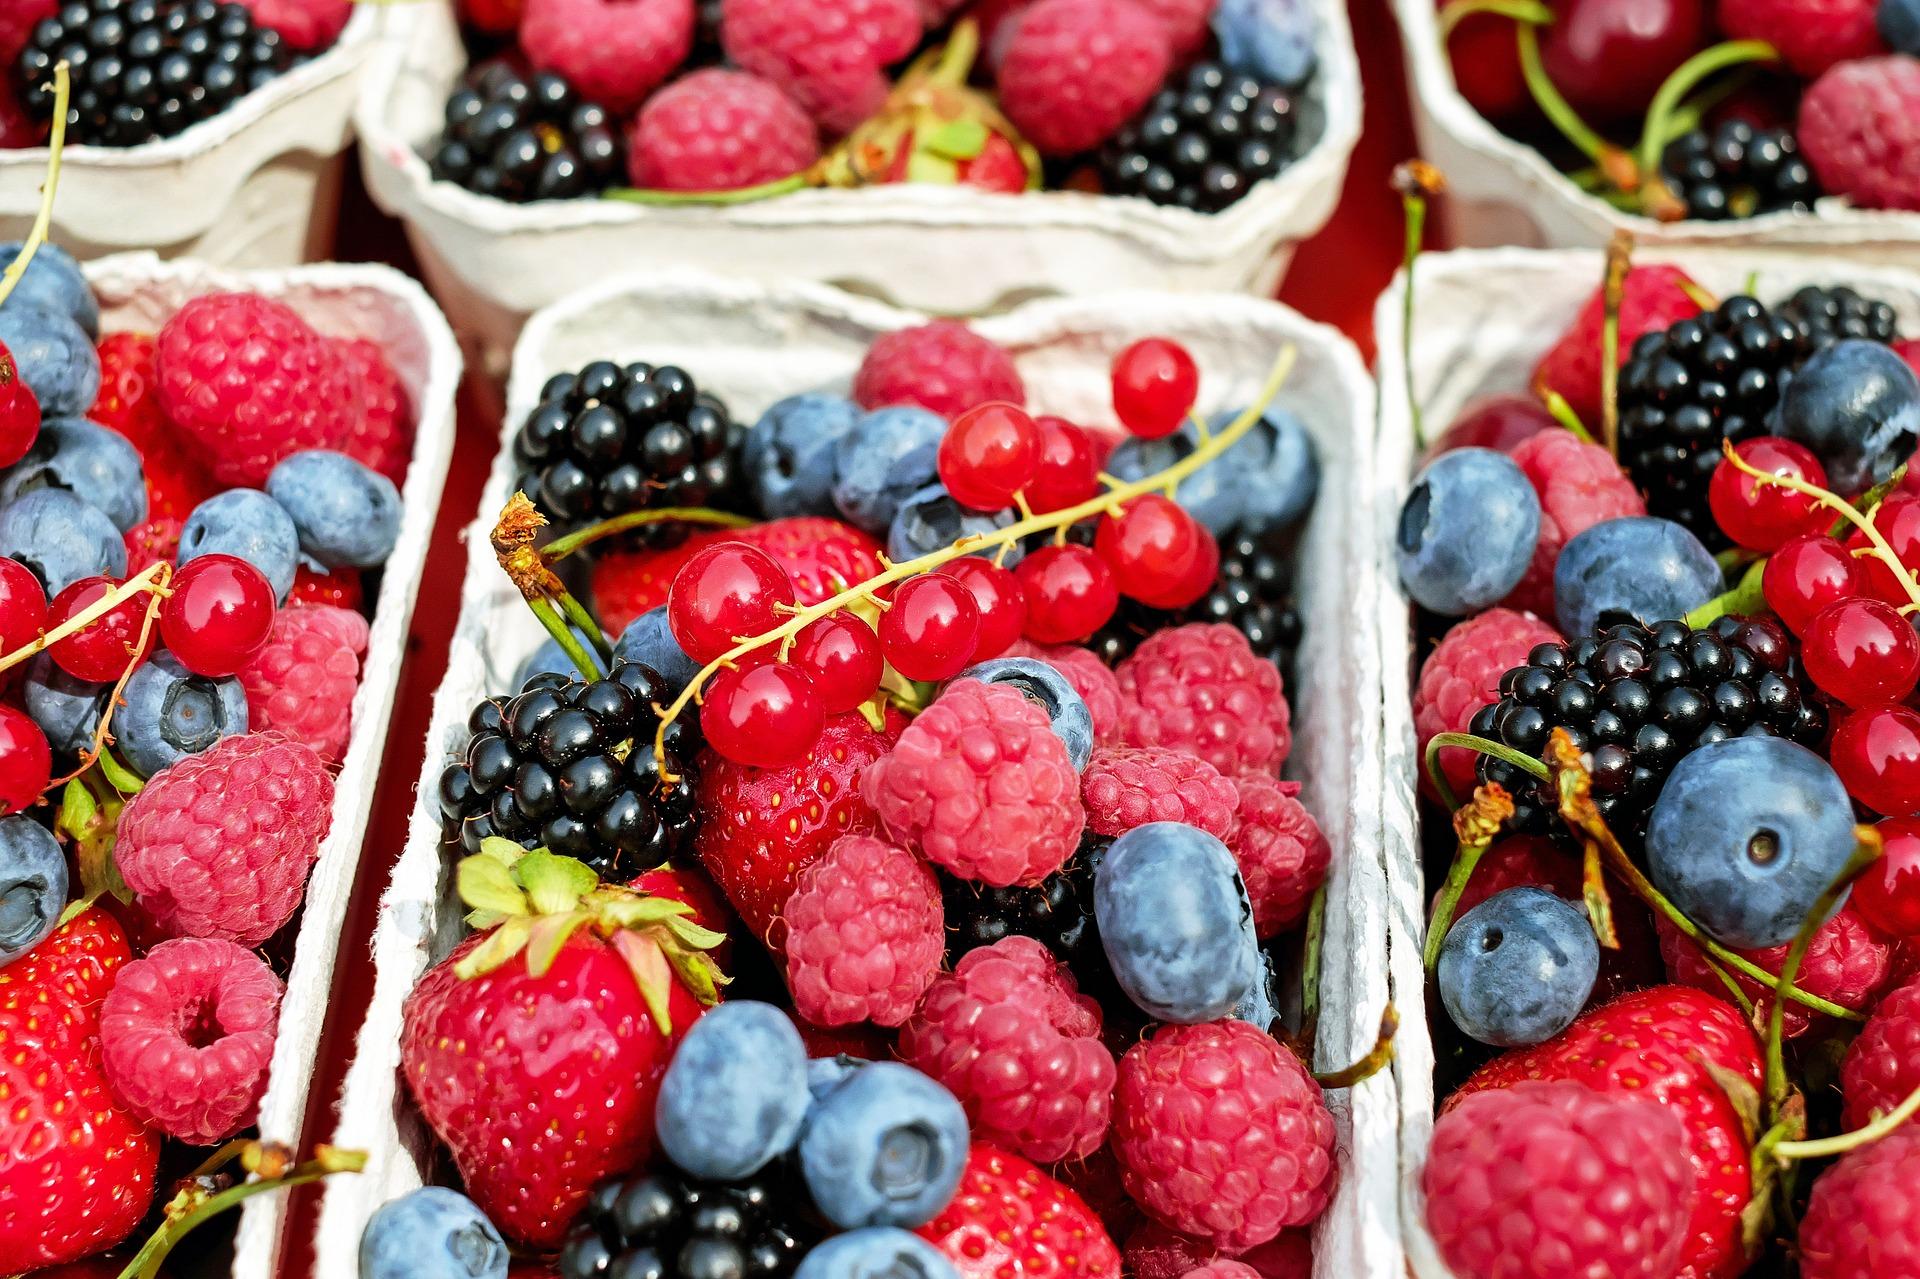 berries-1546125_1920.jpg